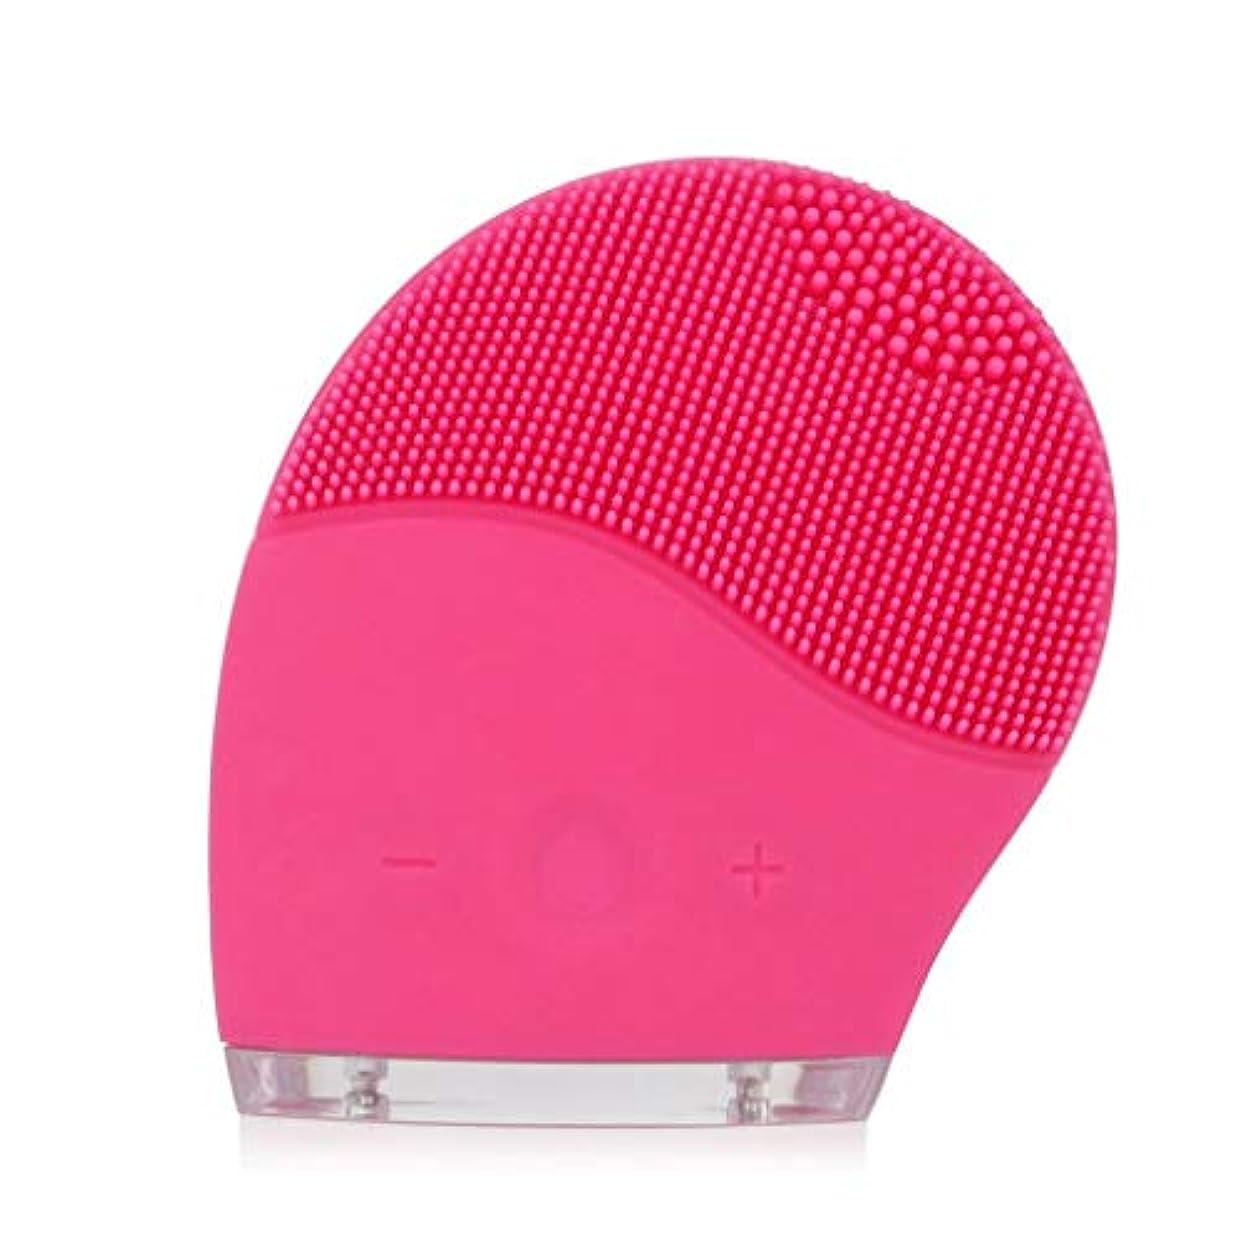 脅かすアリ改修するフェイシャルクレンジングブラシ、電気シリコーンフェイシャルマッサージブラシ防水アンチエイジングスキンクレンザー、ディープエクスフォリエイティングメイクアップツール、フェイシャルポリッシュ、スクラブ (Color : Pink)